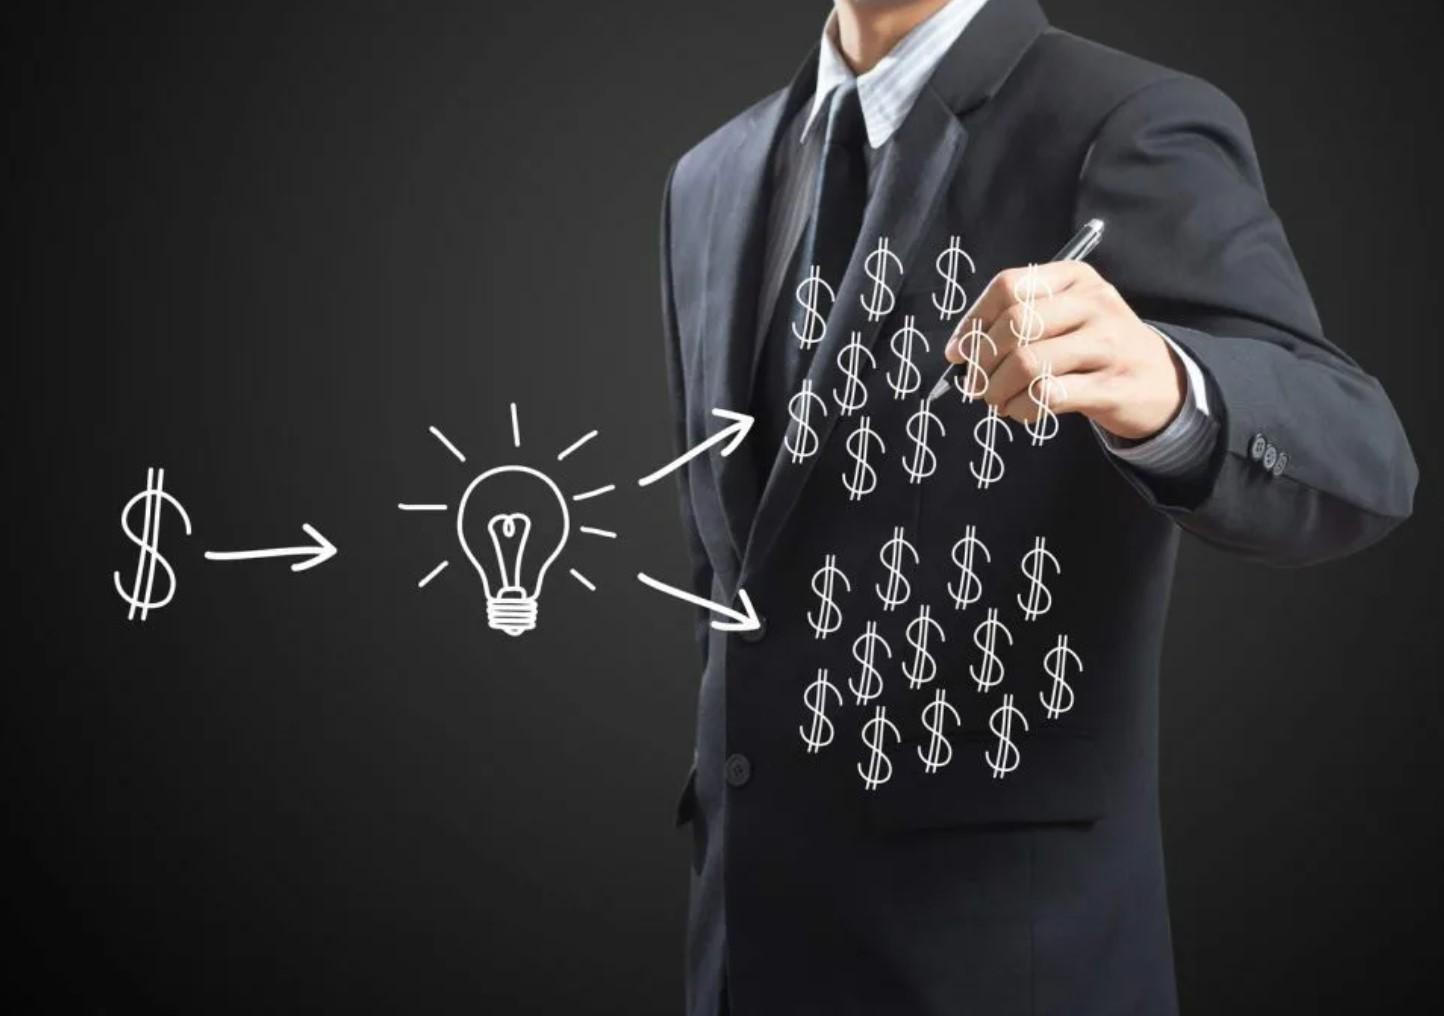 Успешный бизнес или Правила ведения бизнеса